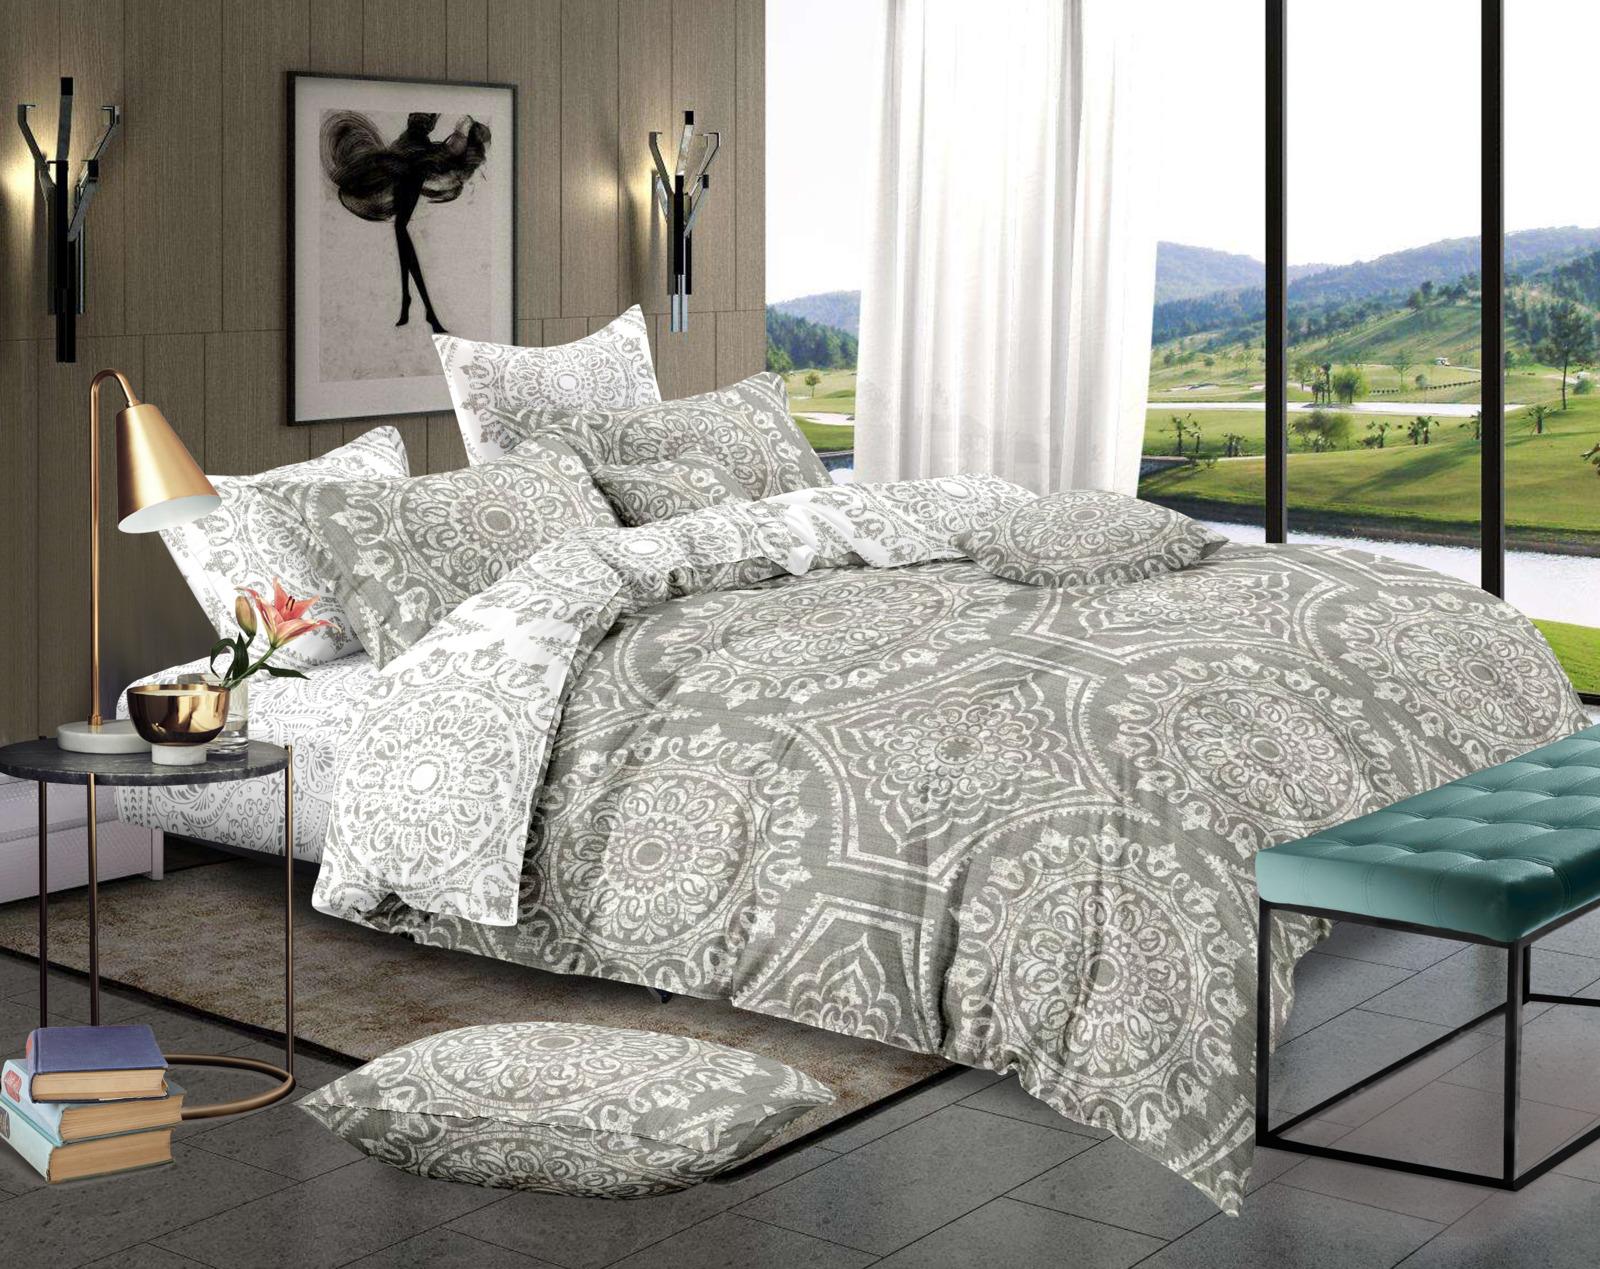 Комплект постельного белья Amore Mio Gold Edward, 7836, бежевый, 1,5-спальный, наволочки 70x70